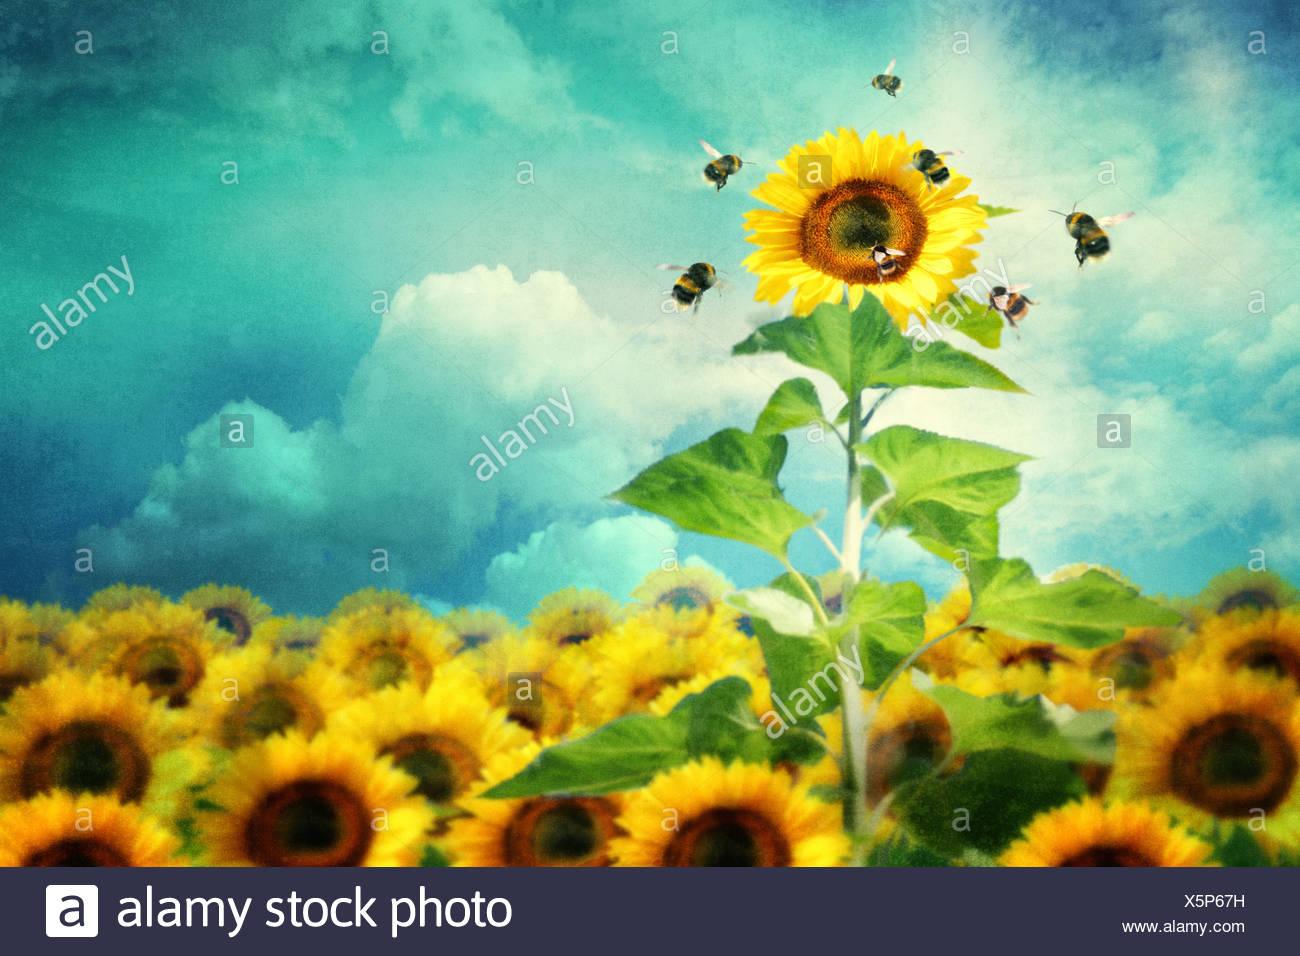 Image d'un concept de haut standing out tournesol et attirer davantage d'abeilles Photo Stock